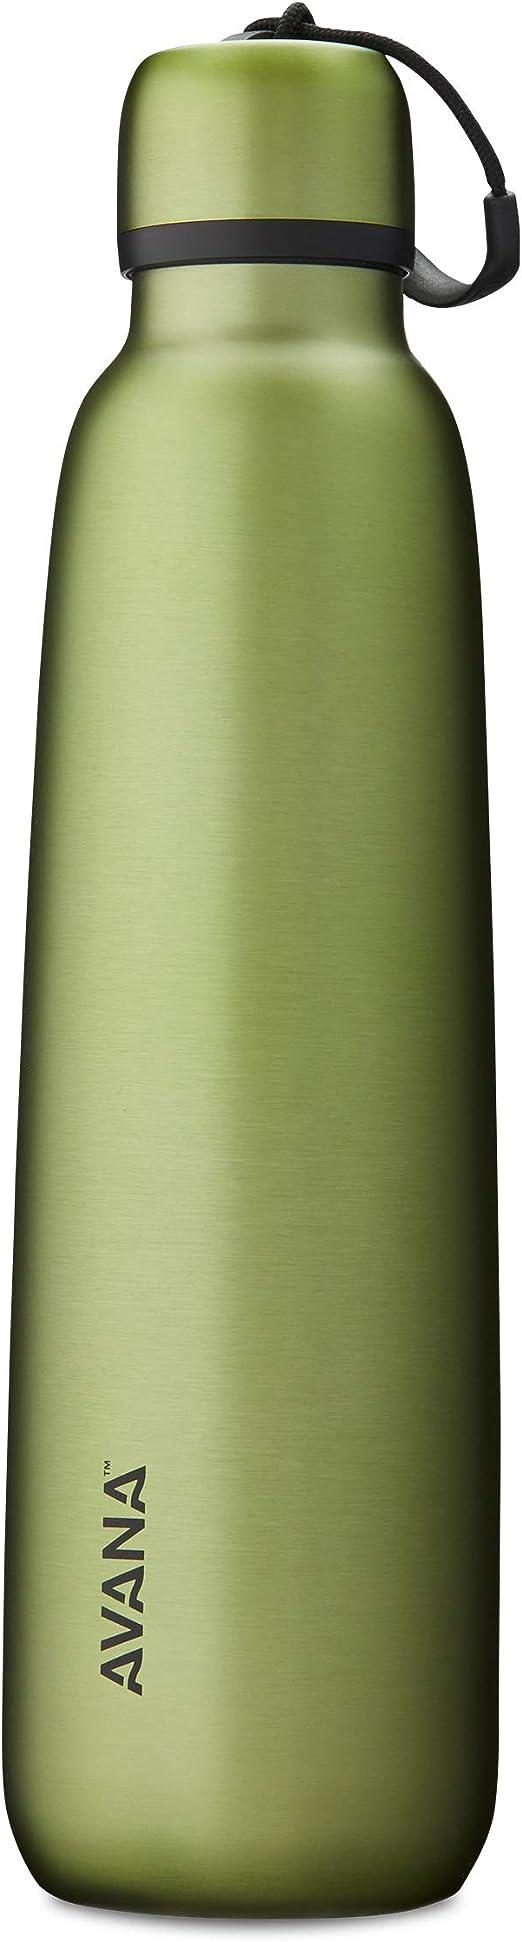 Avana Garrafa de água Ashbury de aço inoxidável com parede dupla, 680 g, palma: Amazon.com.br: Cozinha